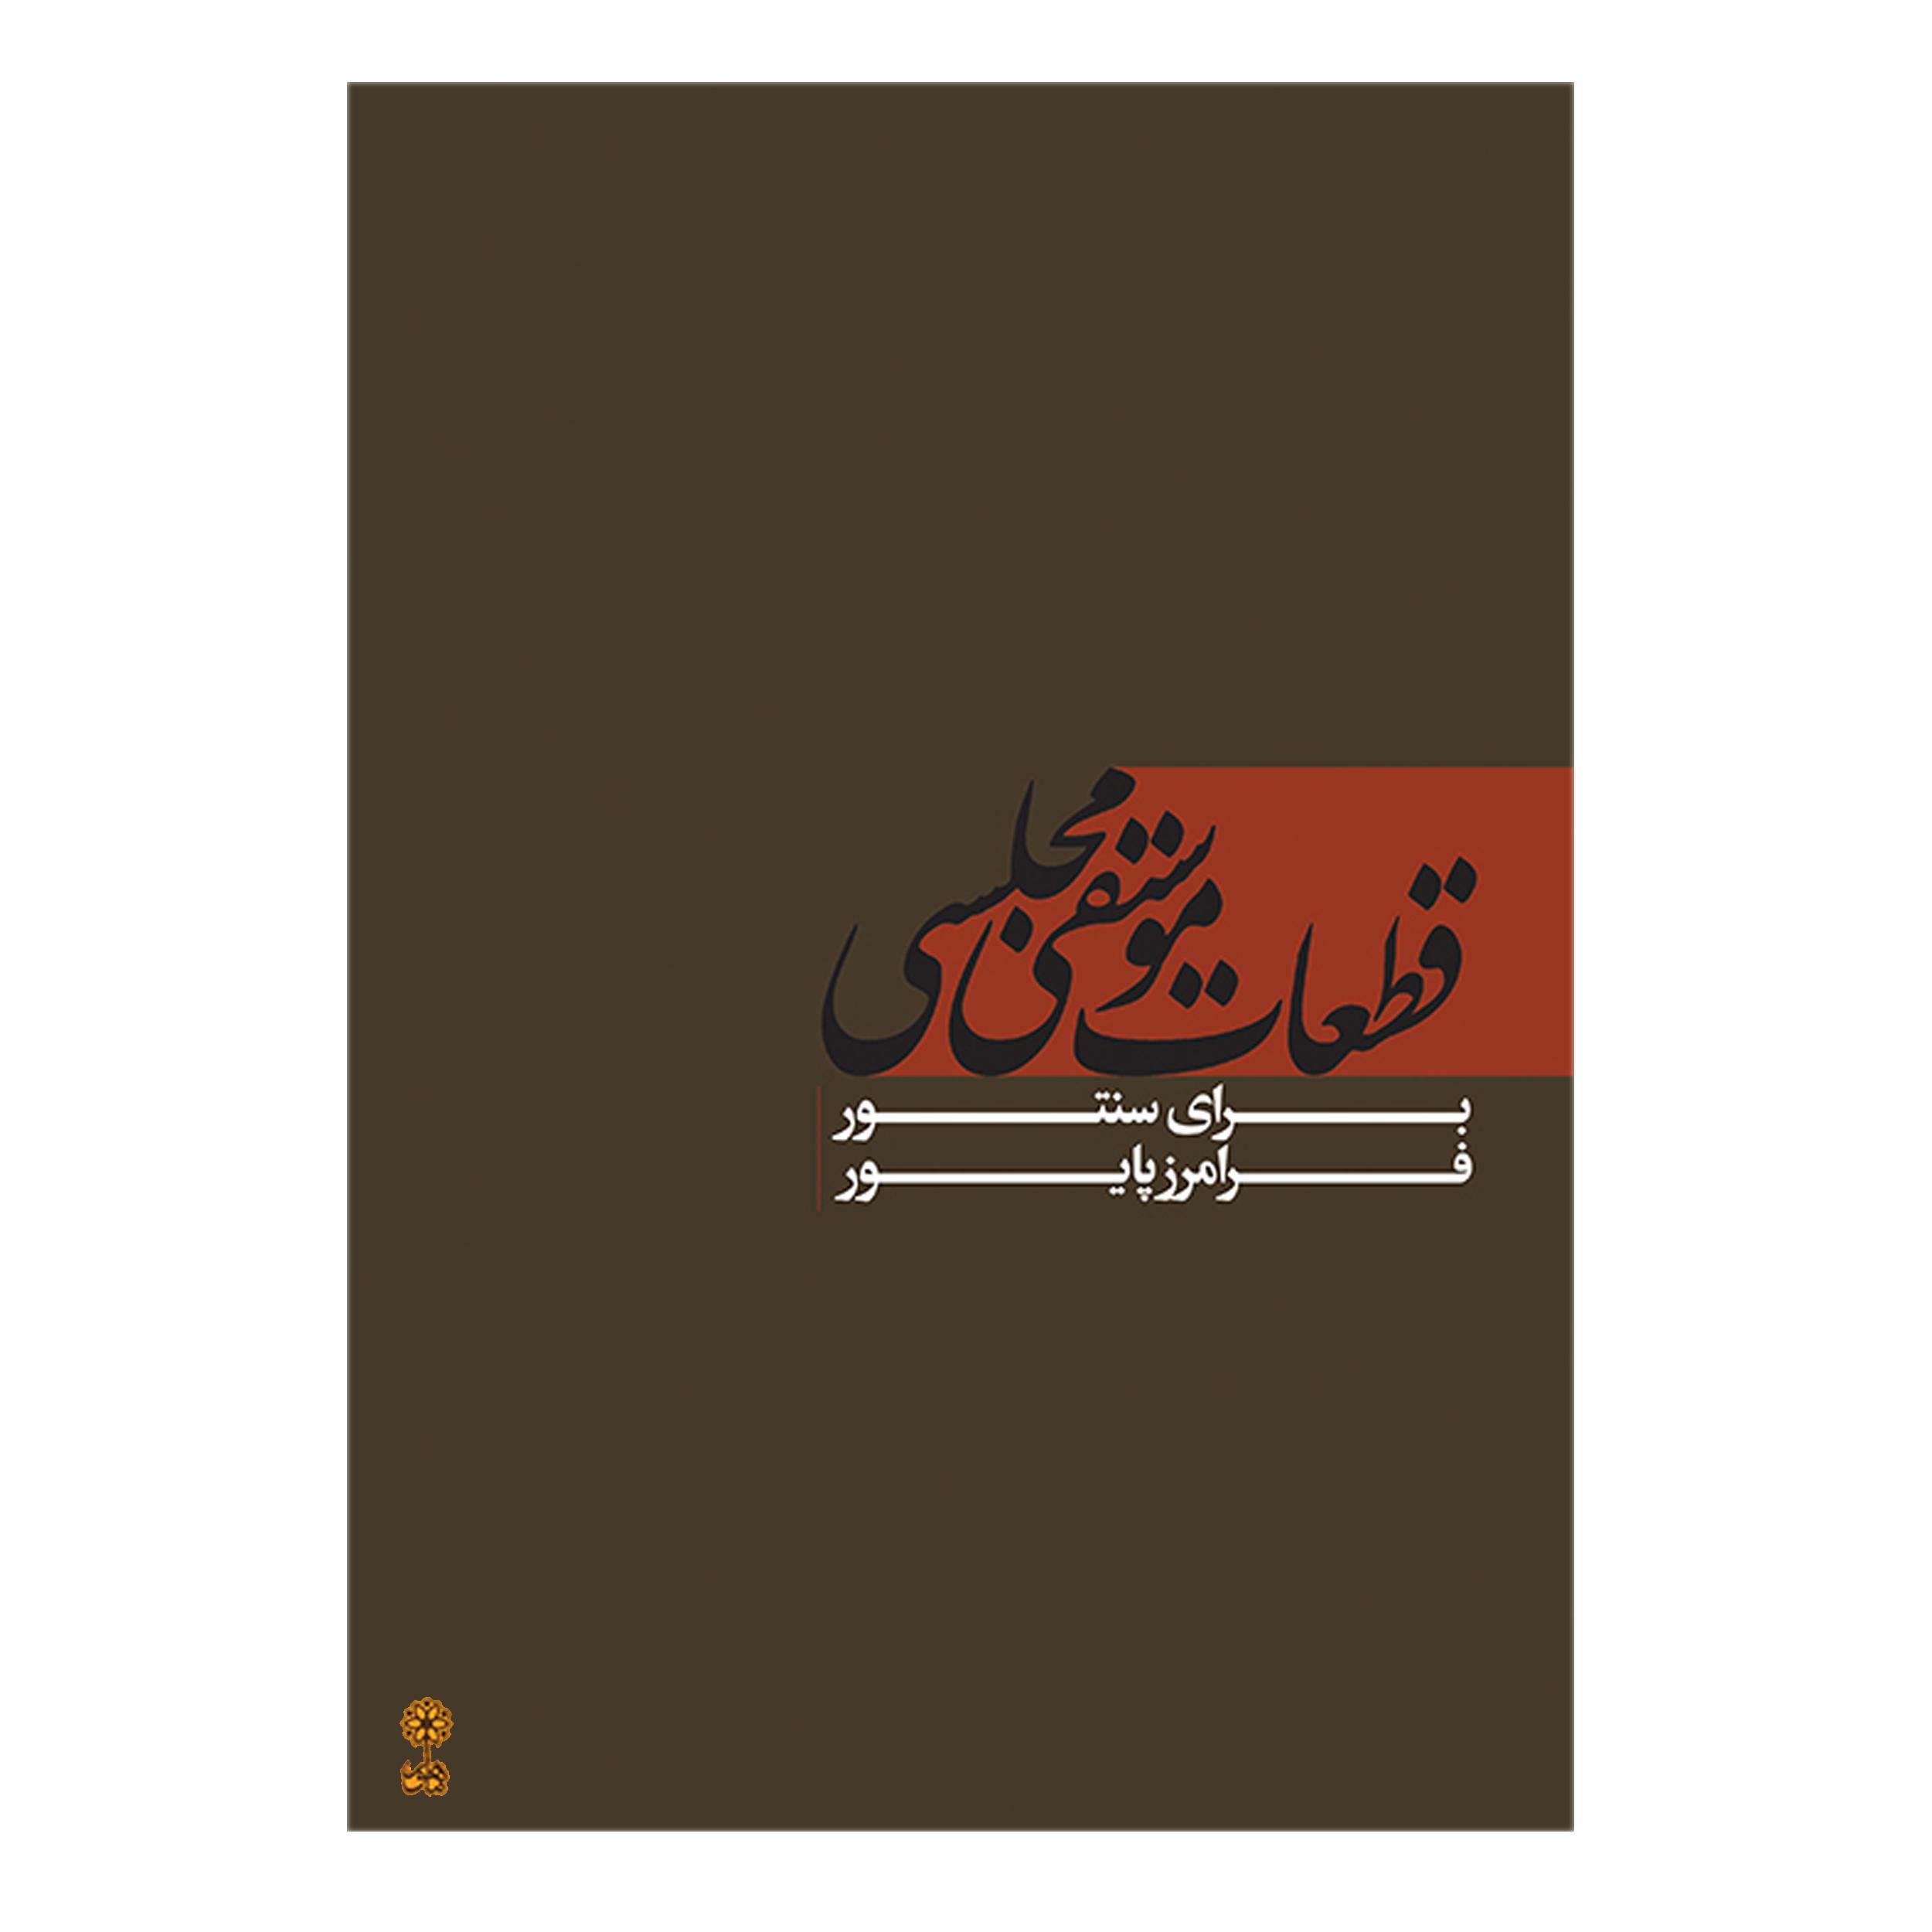 خرید                      کتاب قطعات موسیقی مجلسی برای سنتور اثر فرامرز پایور انتشارات ماهور